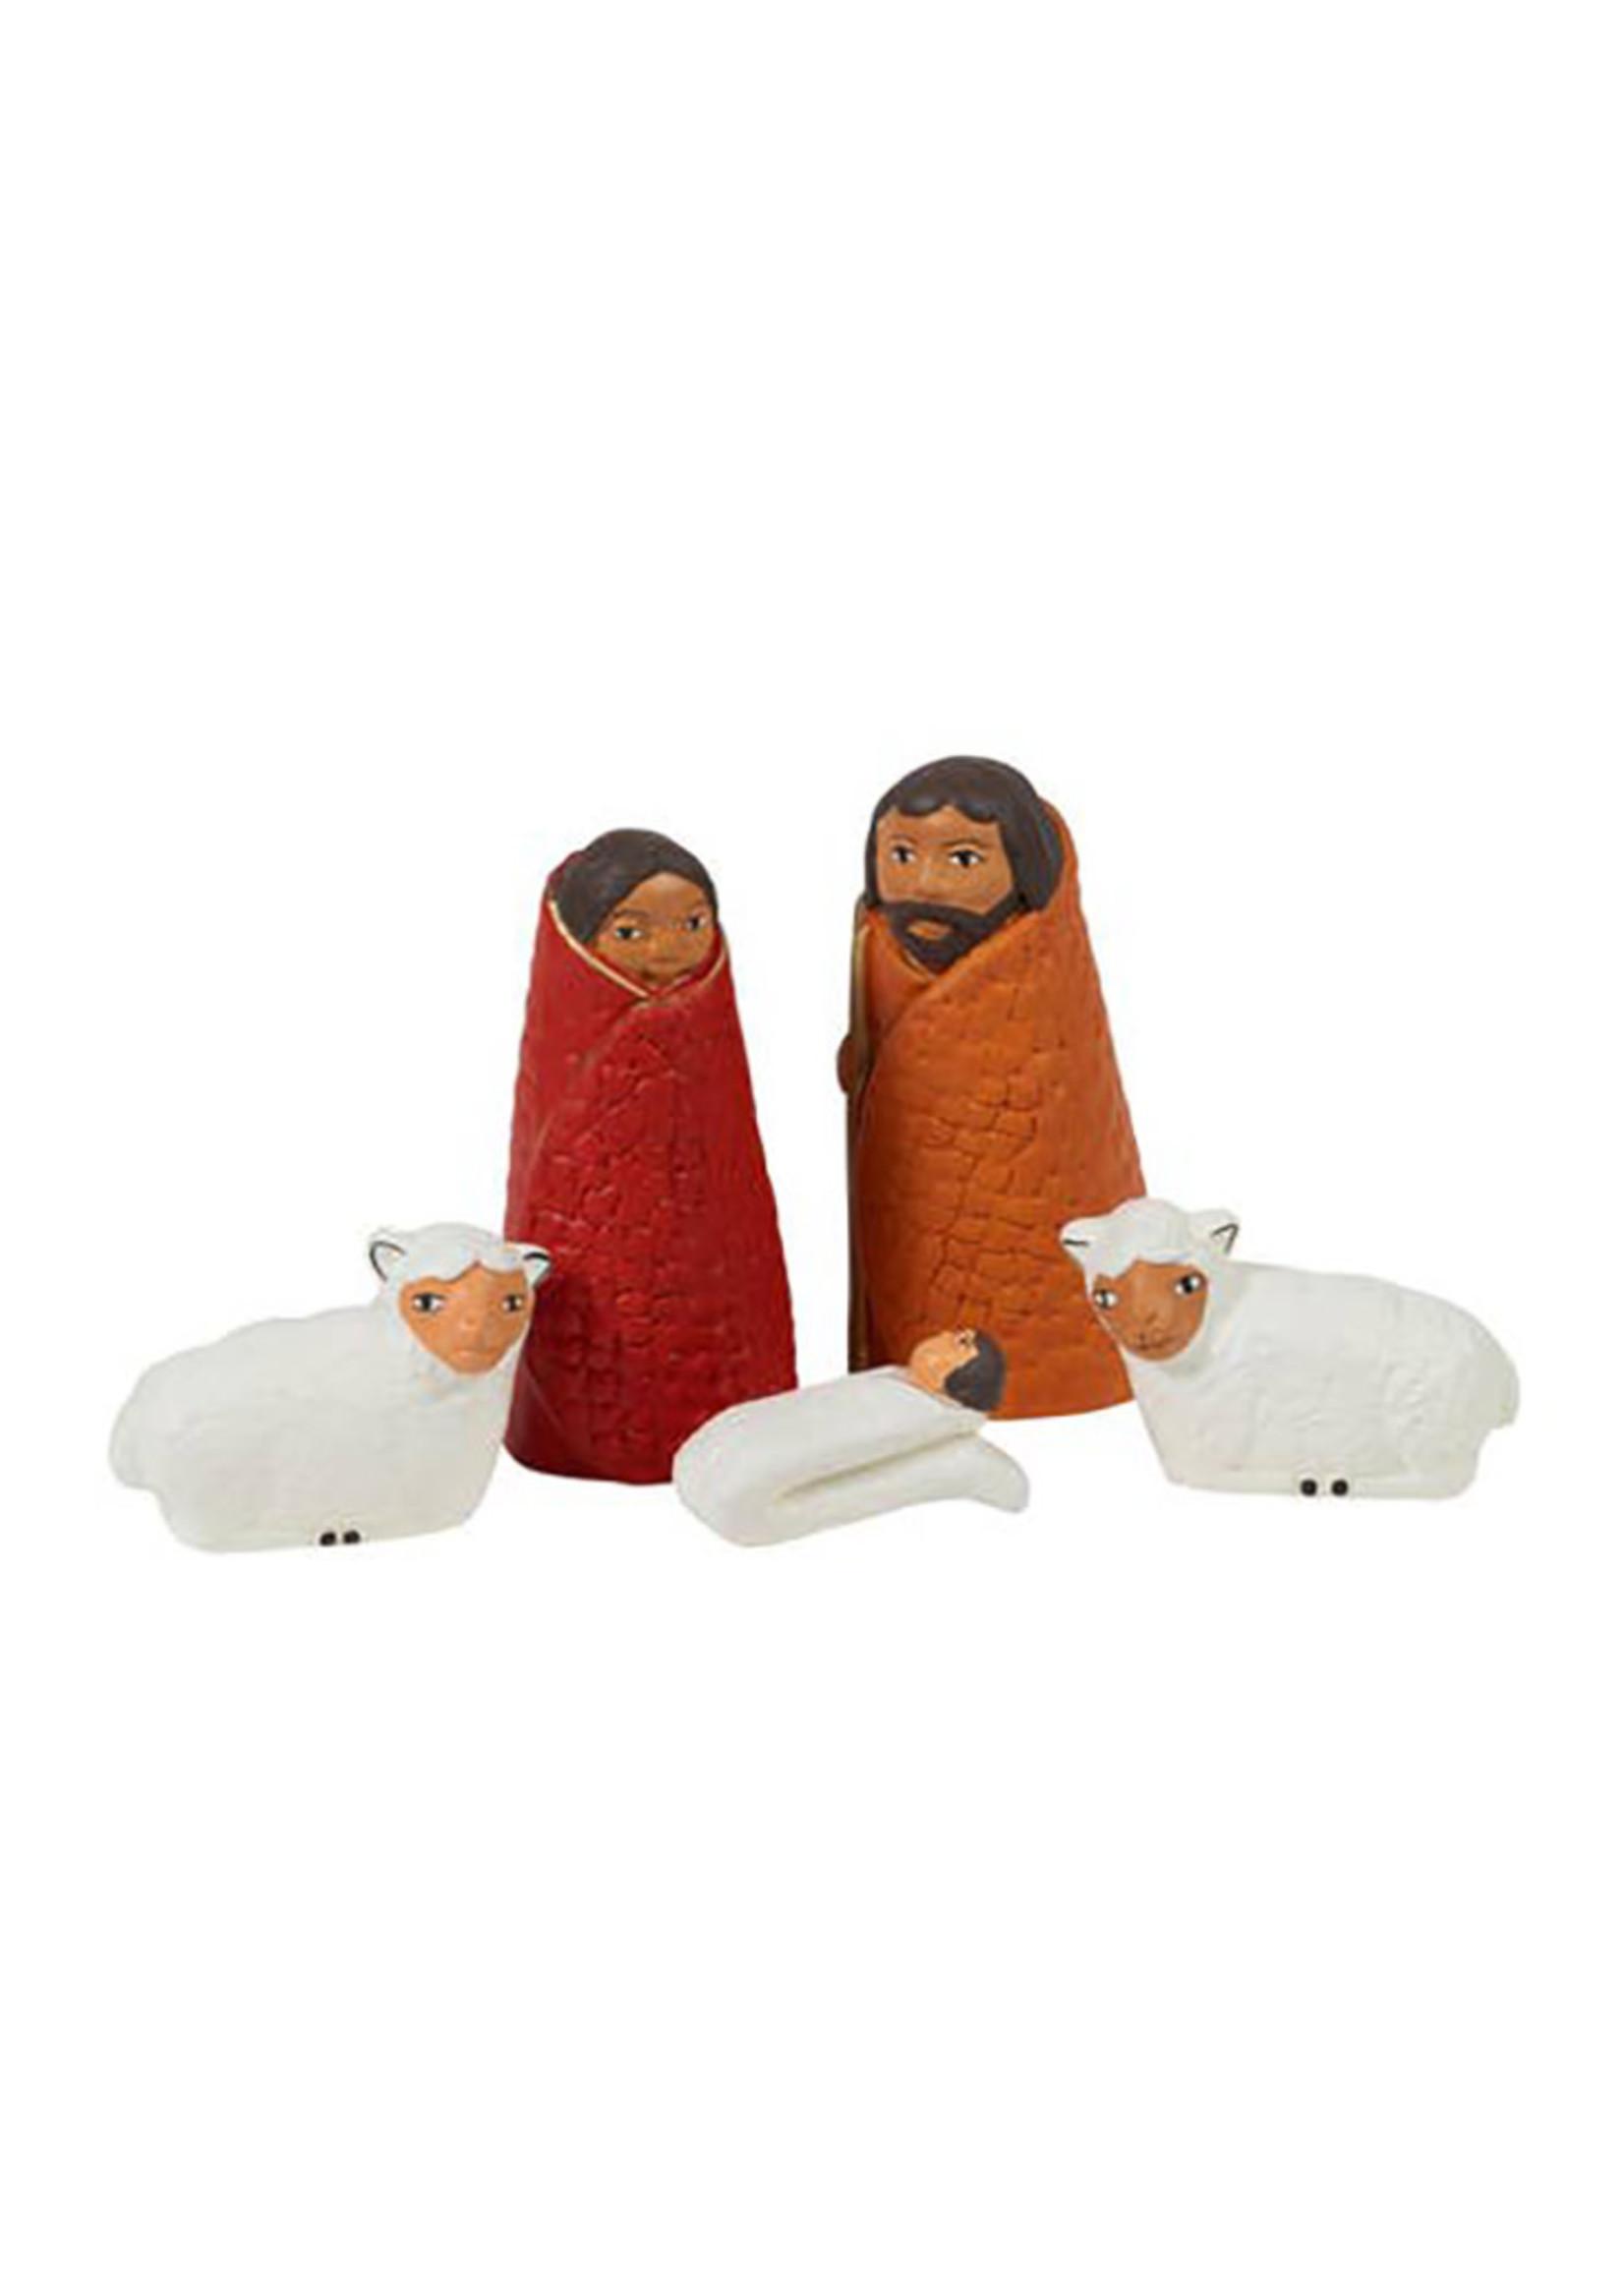 Cozy Sheep Nativity